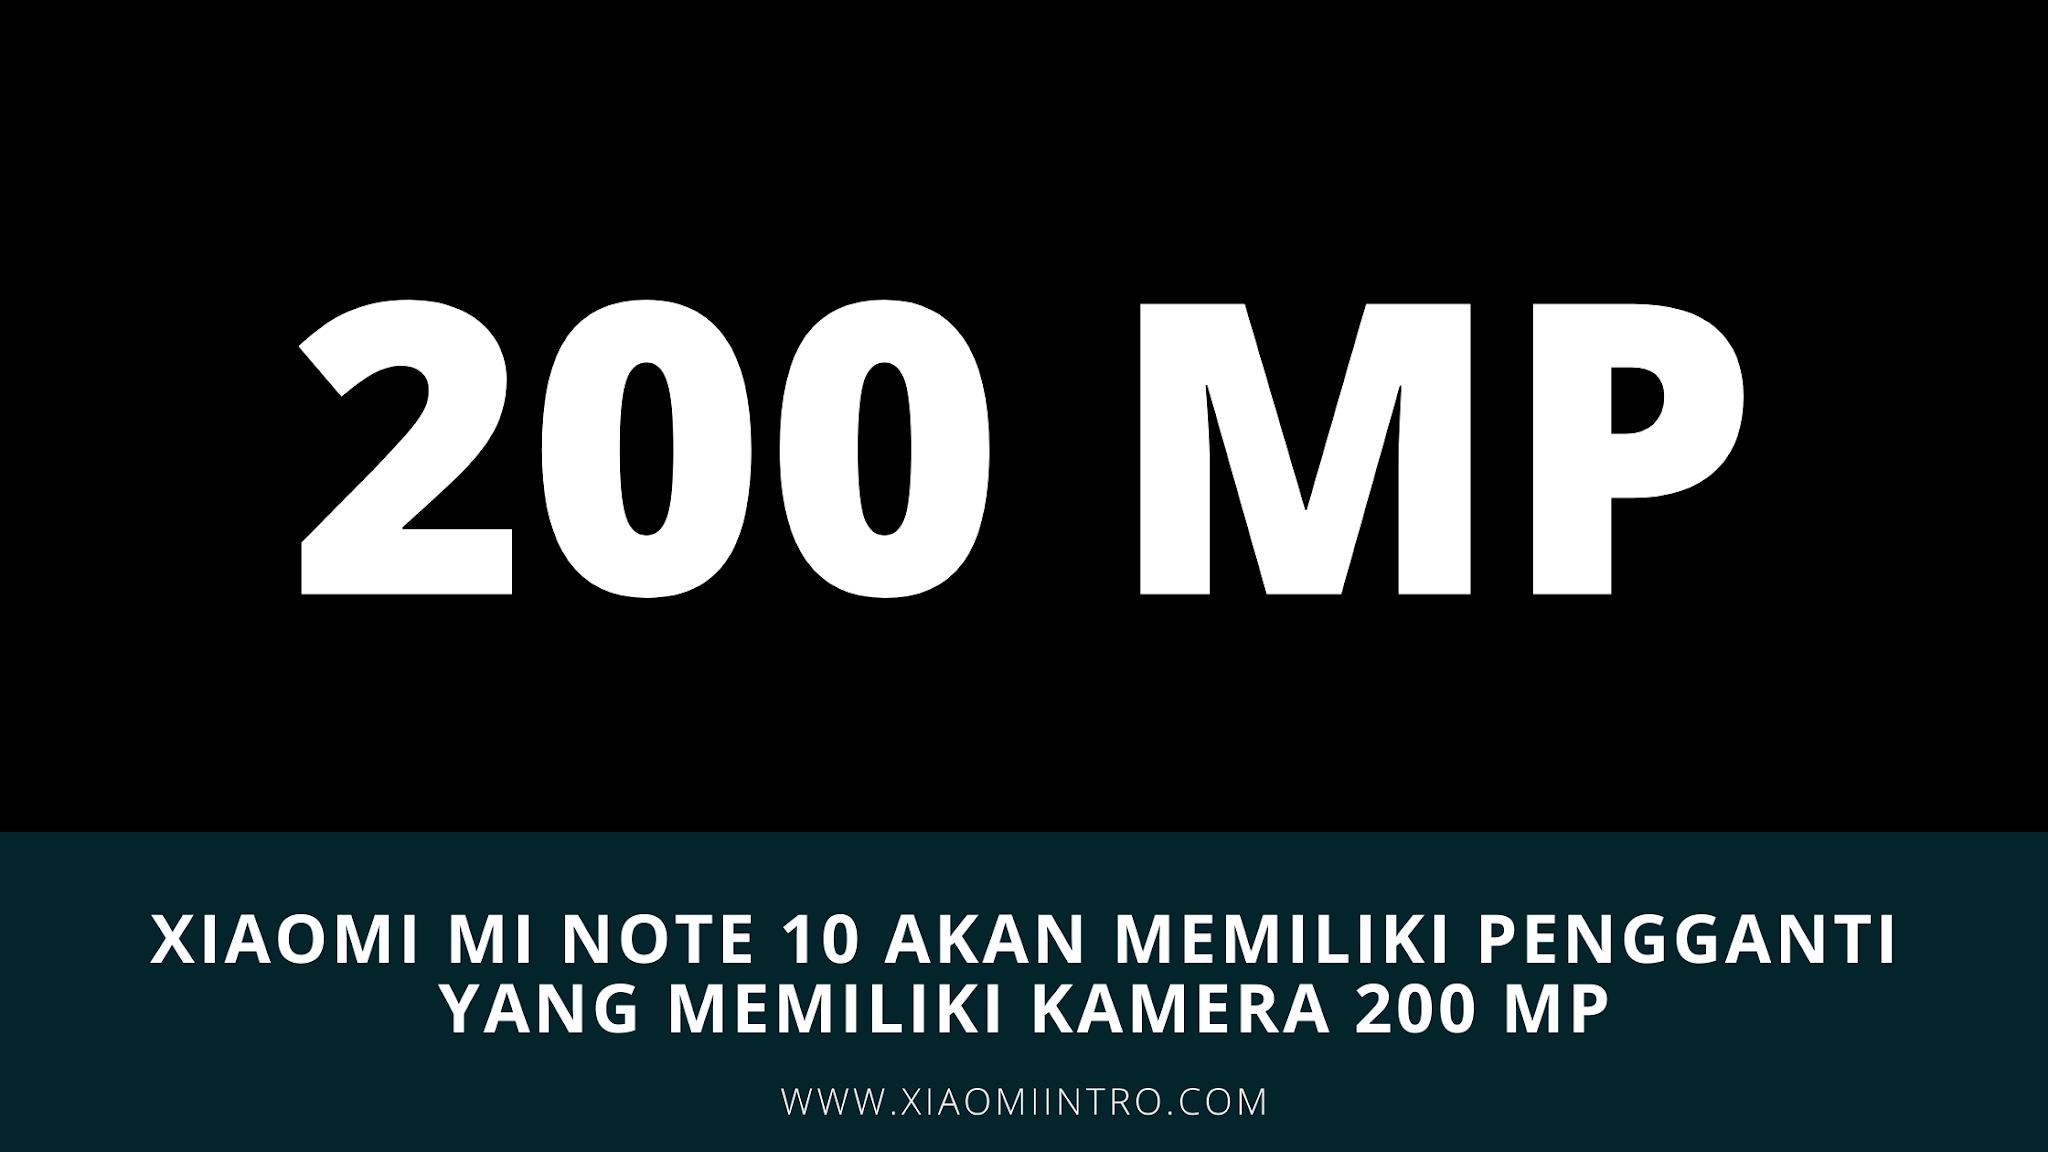 Xiaomi Mi Note 10 Akan Memiliki Pengganti Yang Memiliki Kamera 200 MP